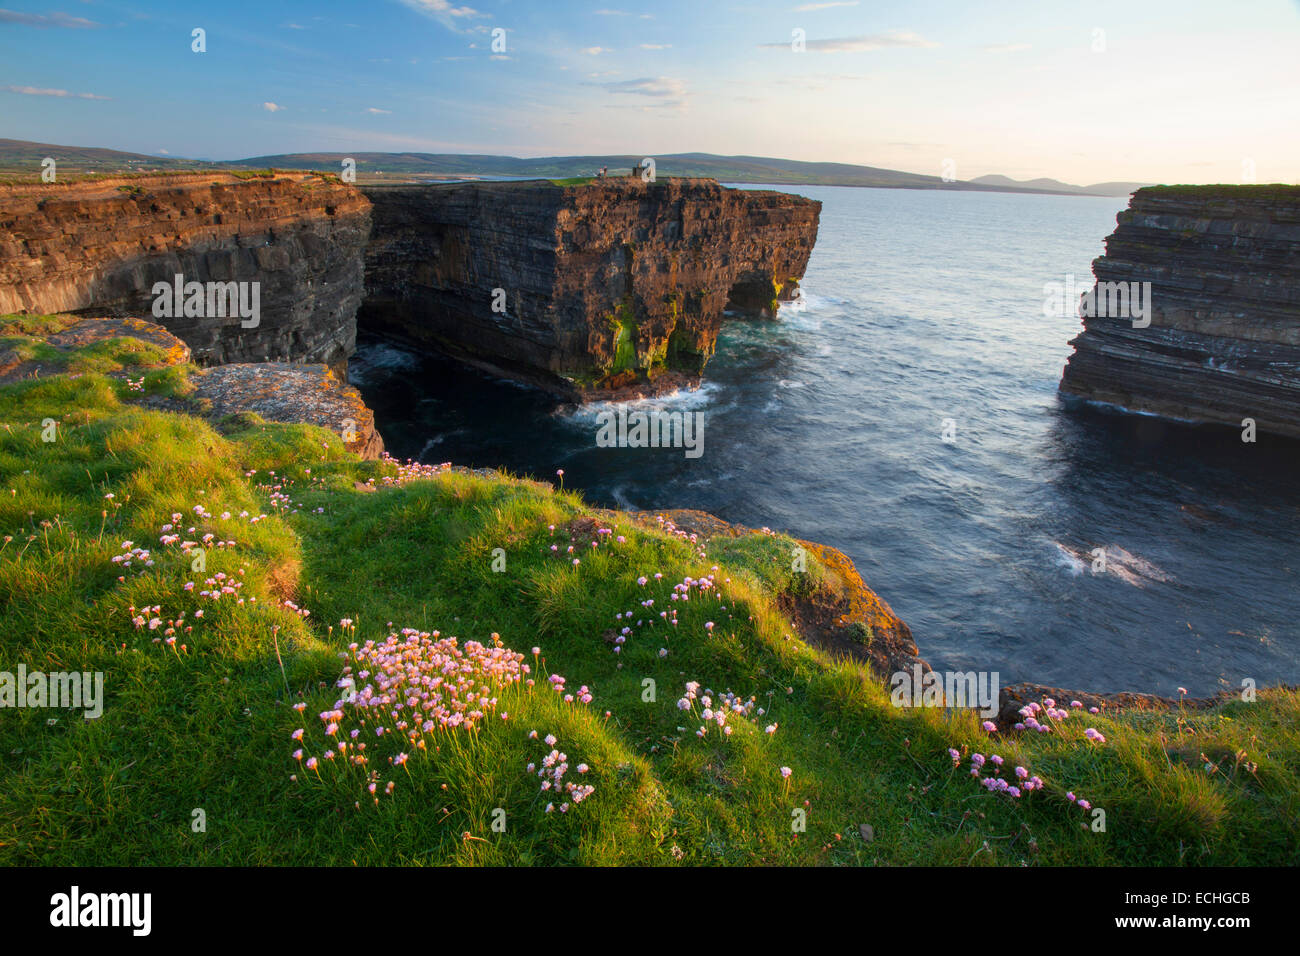 L'économie de plus en plus sur la falaise, à Downpatrick Head, dans le comté de Mayo, Irlande. Photo Stock